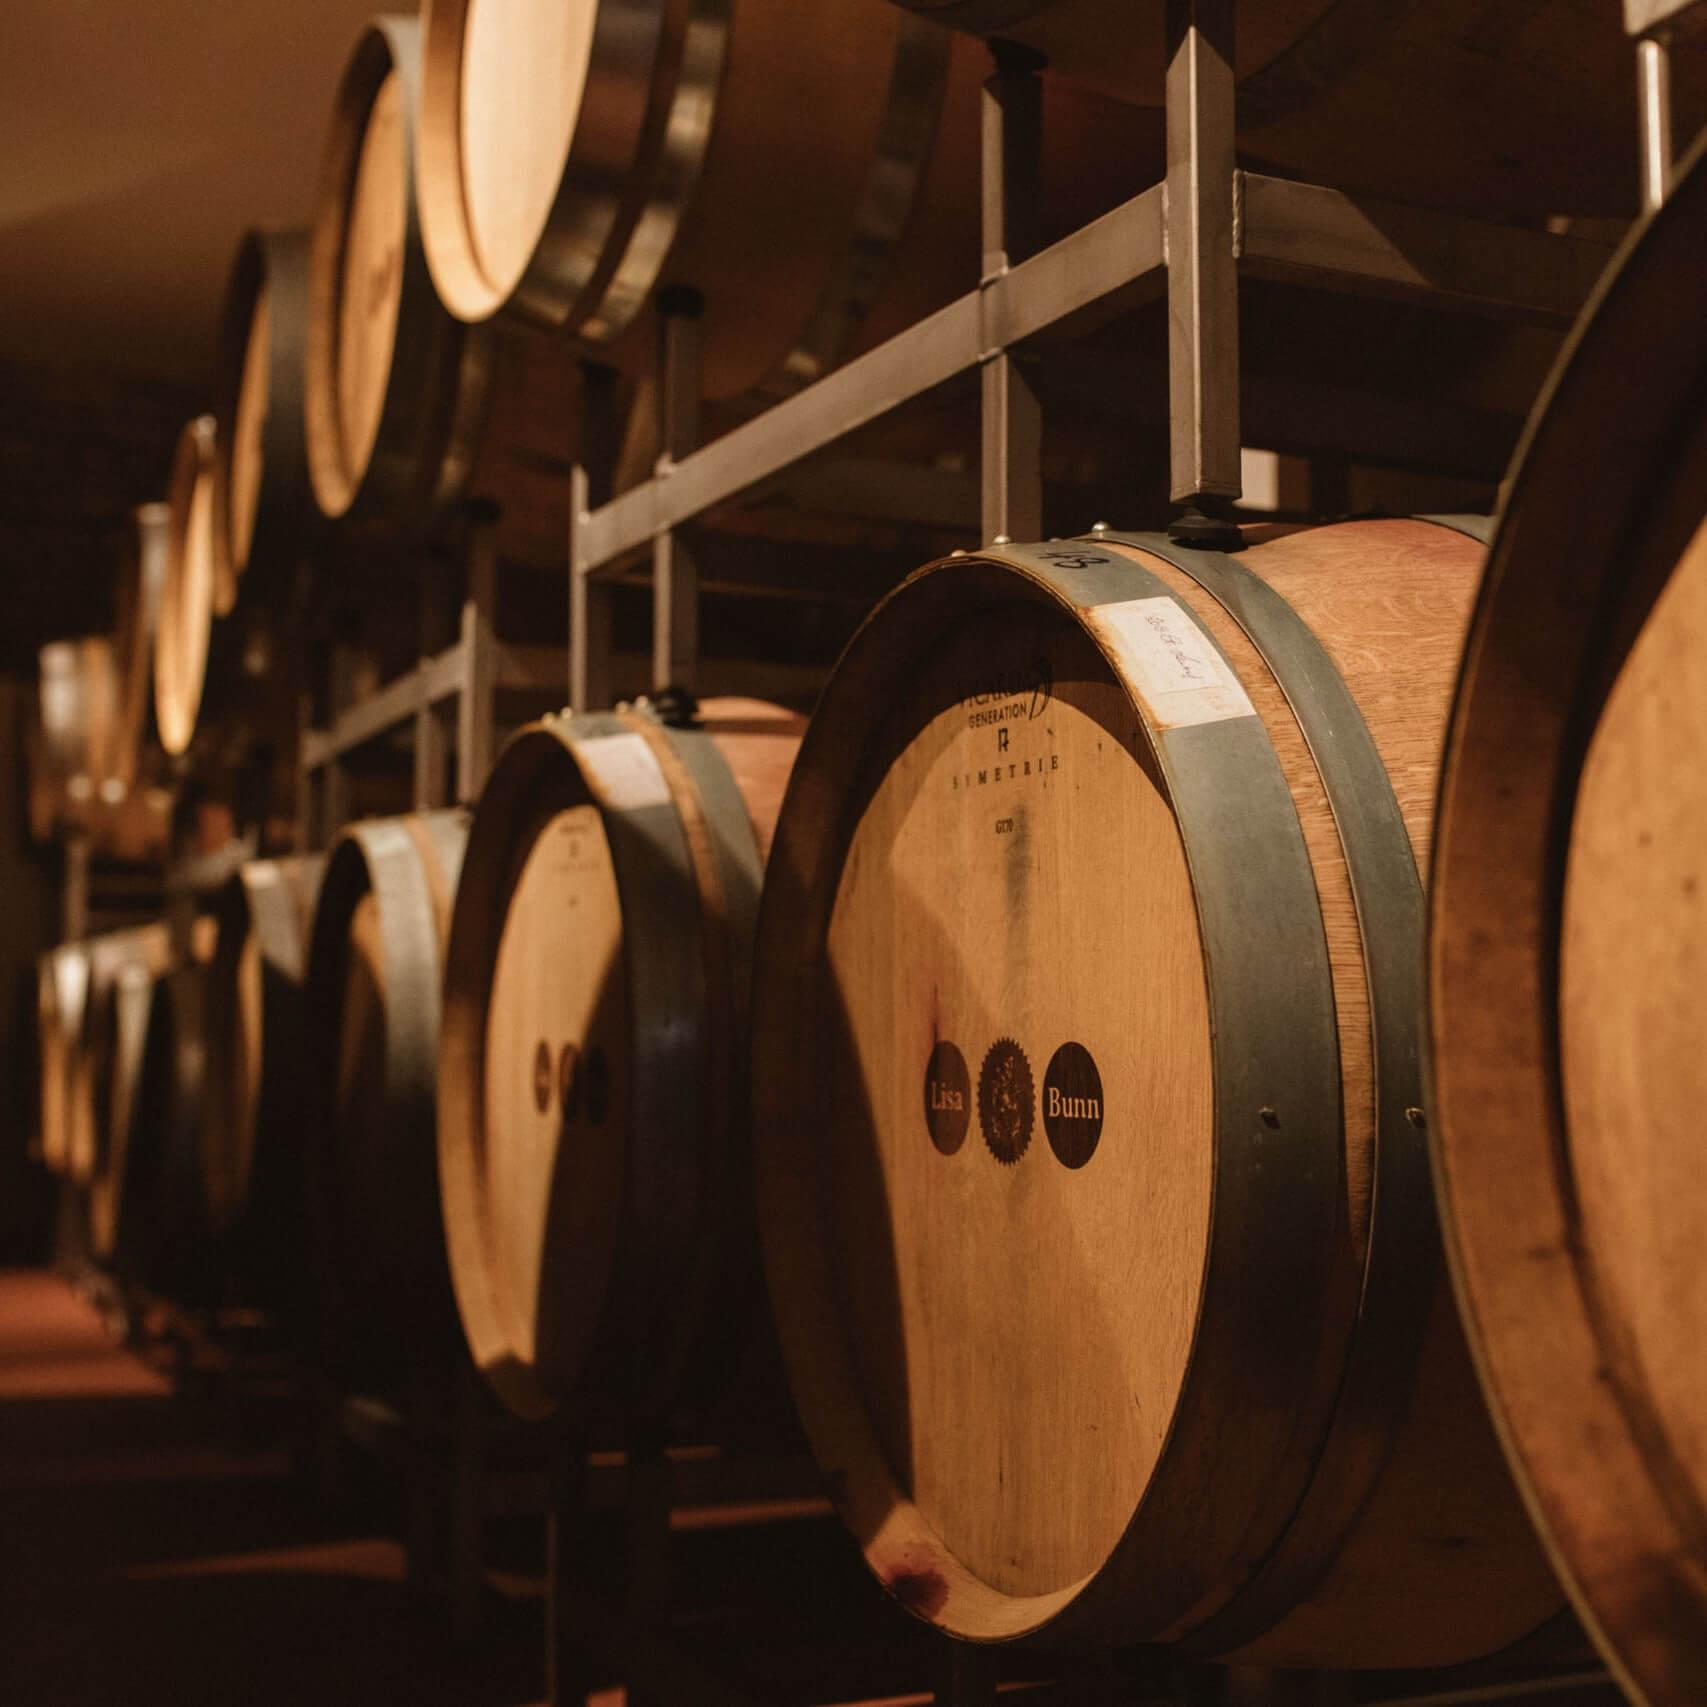 Weinwanderung Und Kellerführung Am 2. Oktober